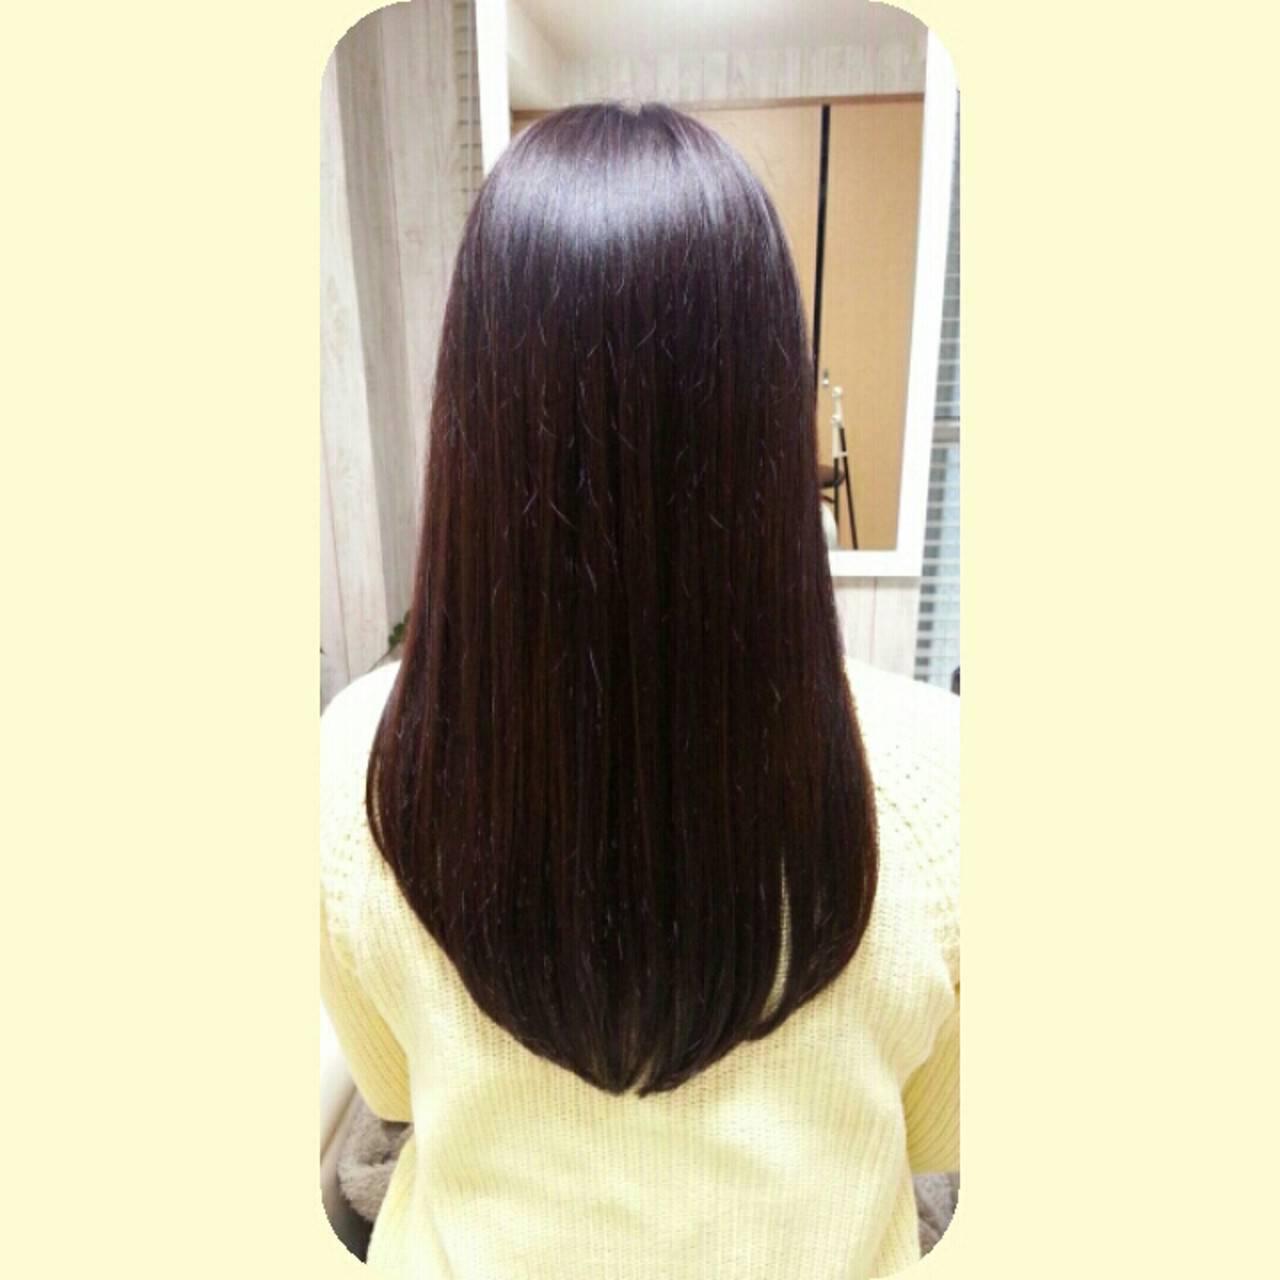 ナチュラル 暗髪 ストレート ロングヘアスタイルや髪型の写真・画像